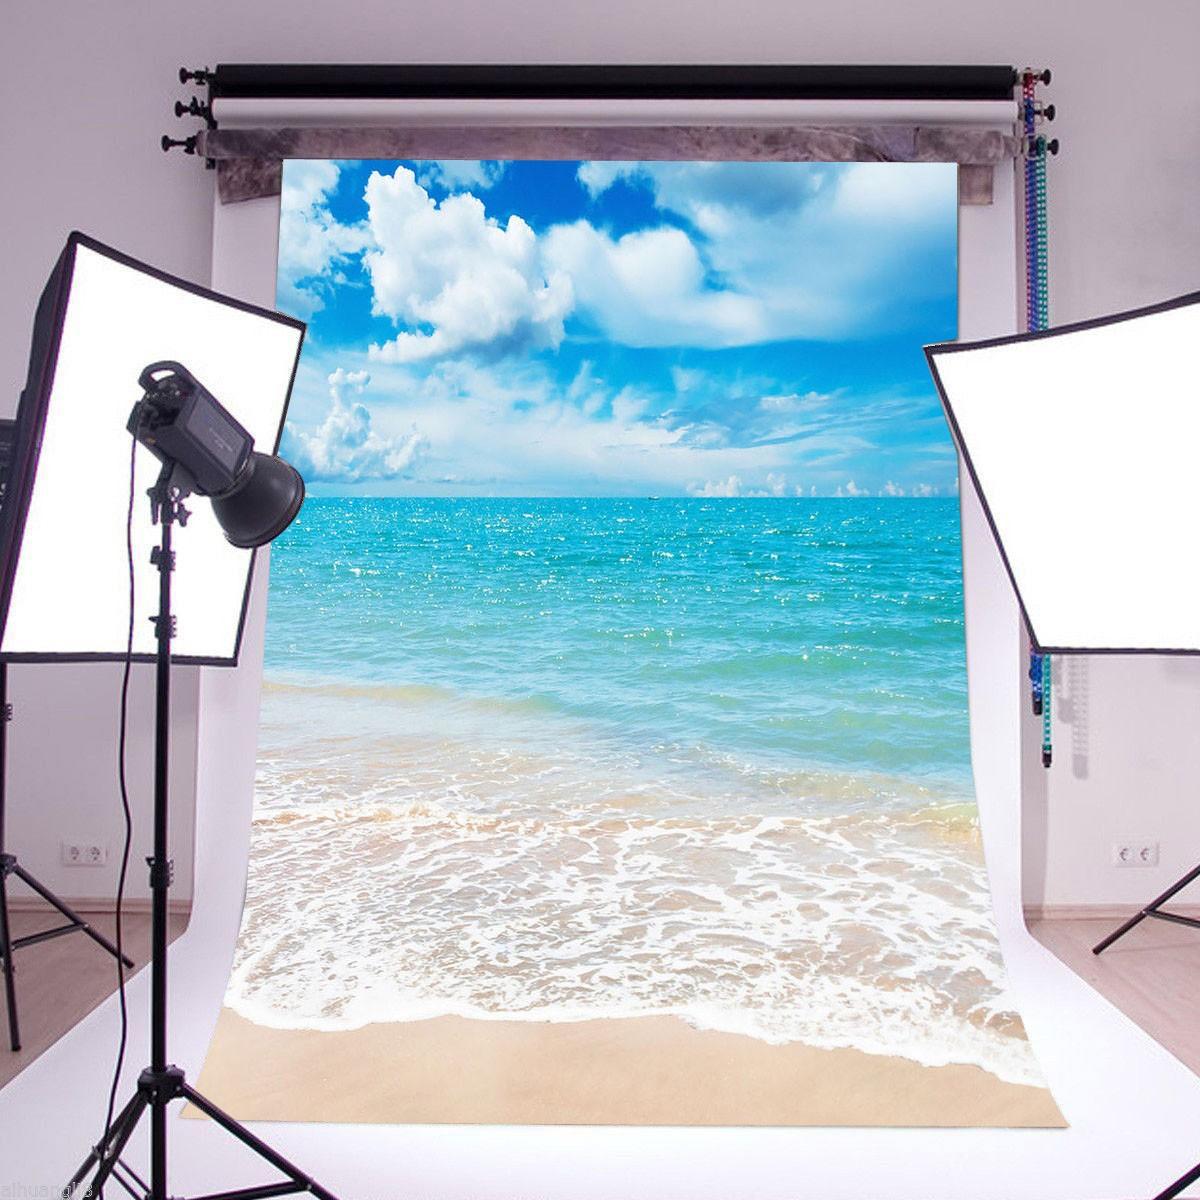 галерея где стоят фоны для фотографий натяжных стен